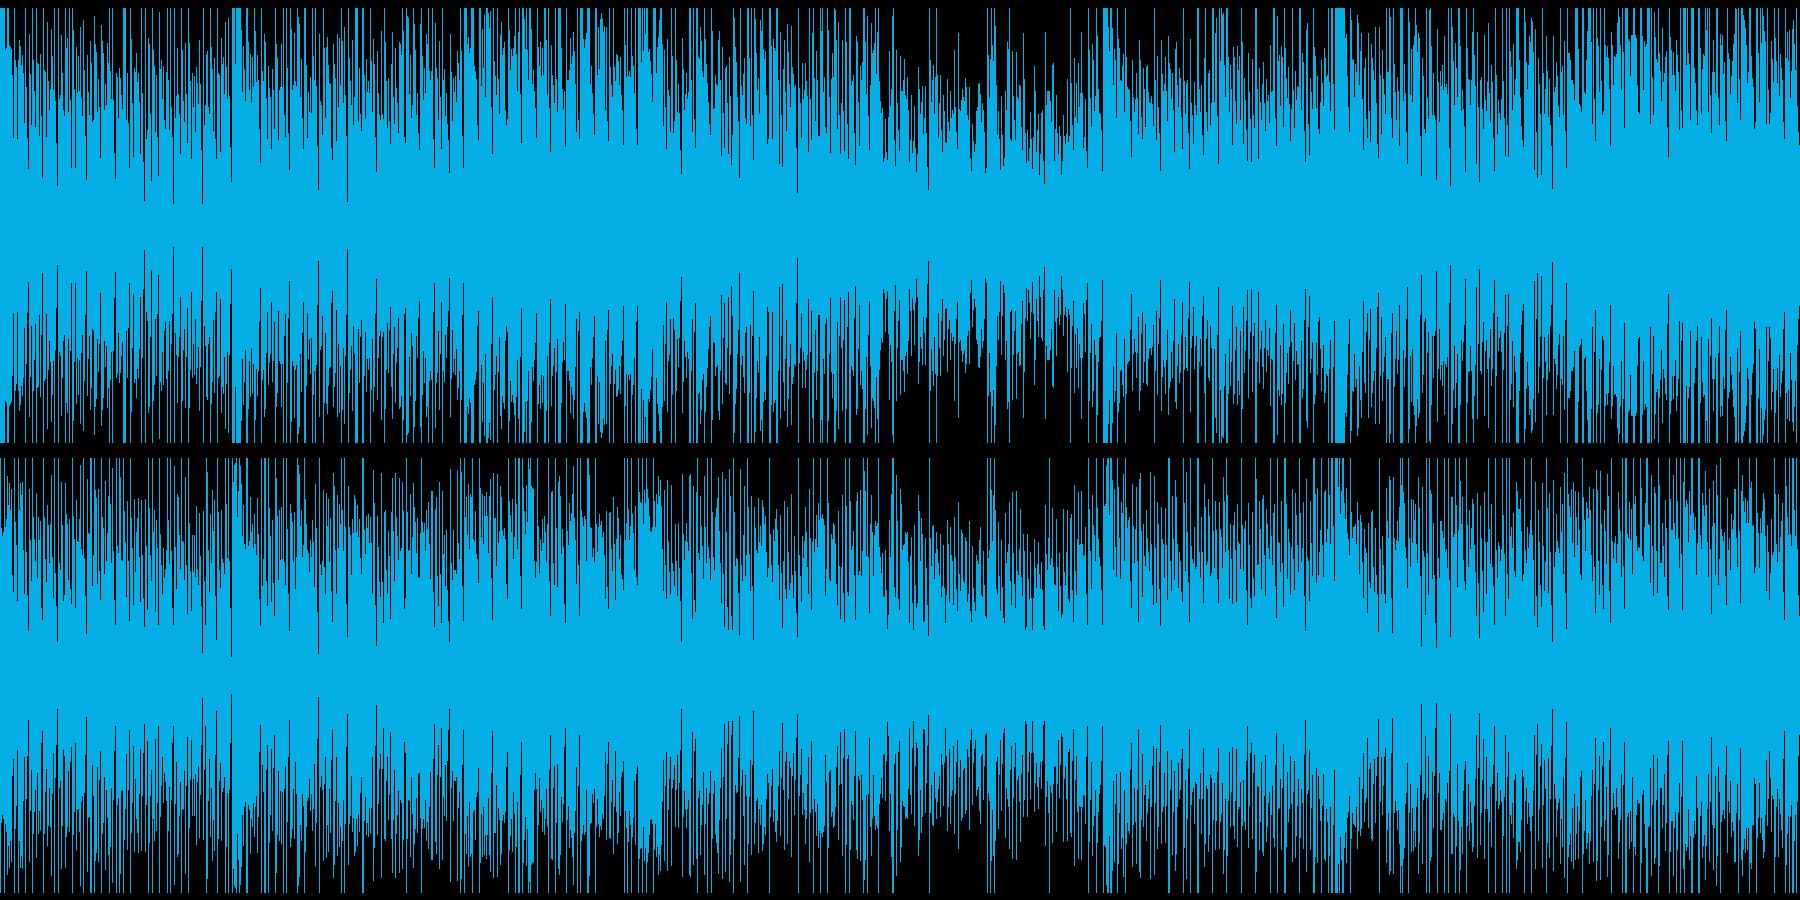 オープニング、トークの背景用(ループ)の再生済みの波形